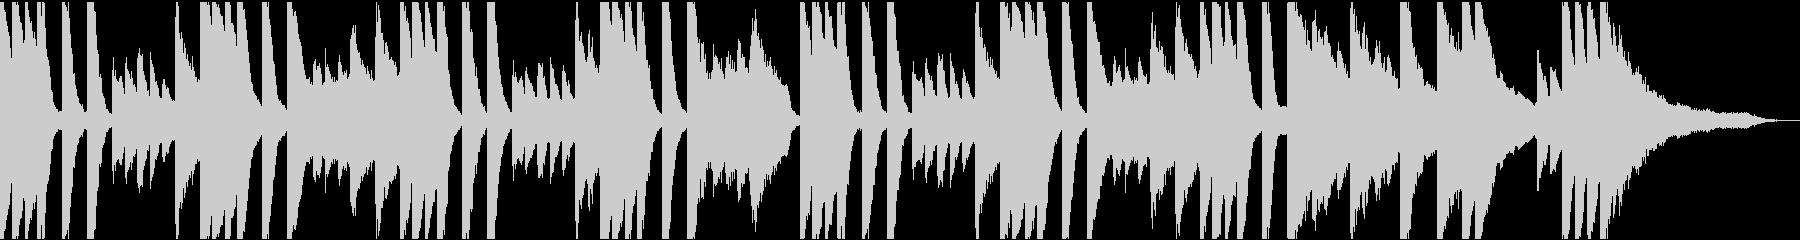 【ほのぼの系】30秒ジングル【映像】の未再生の波形